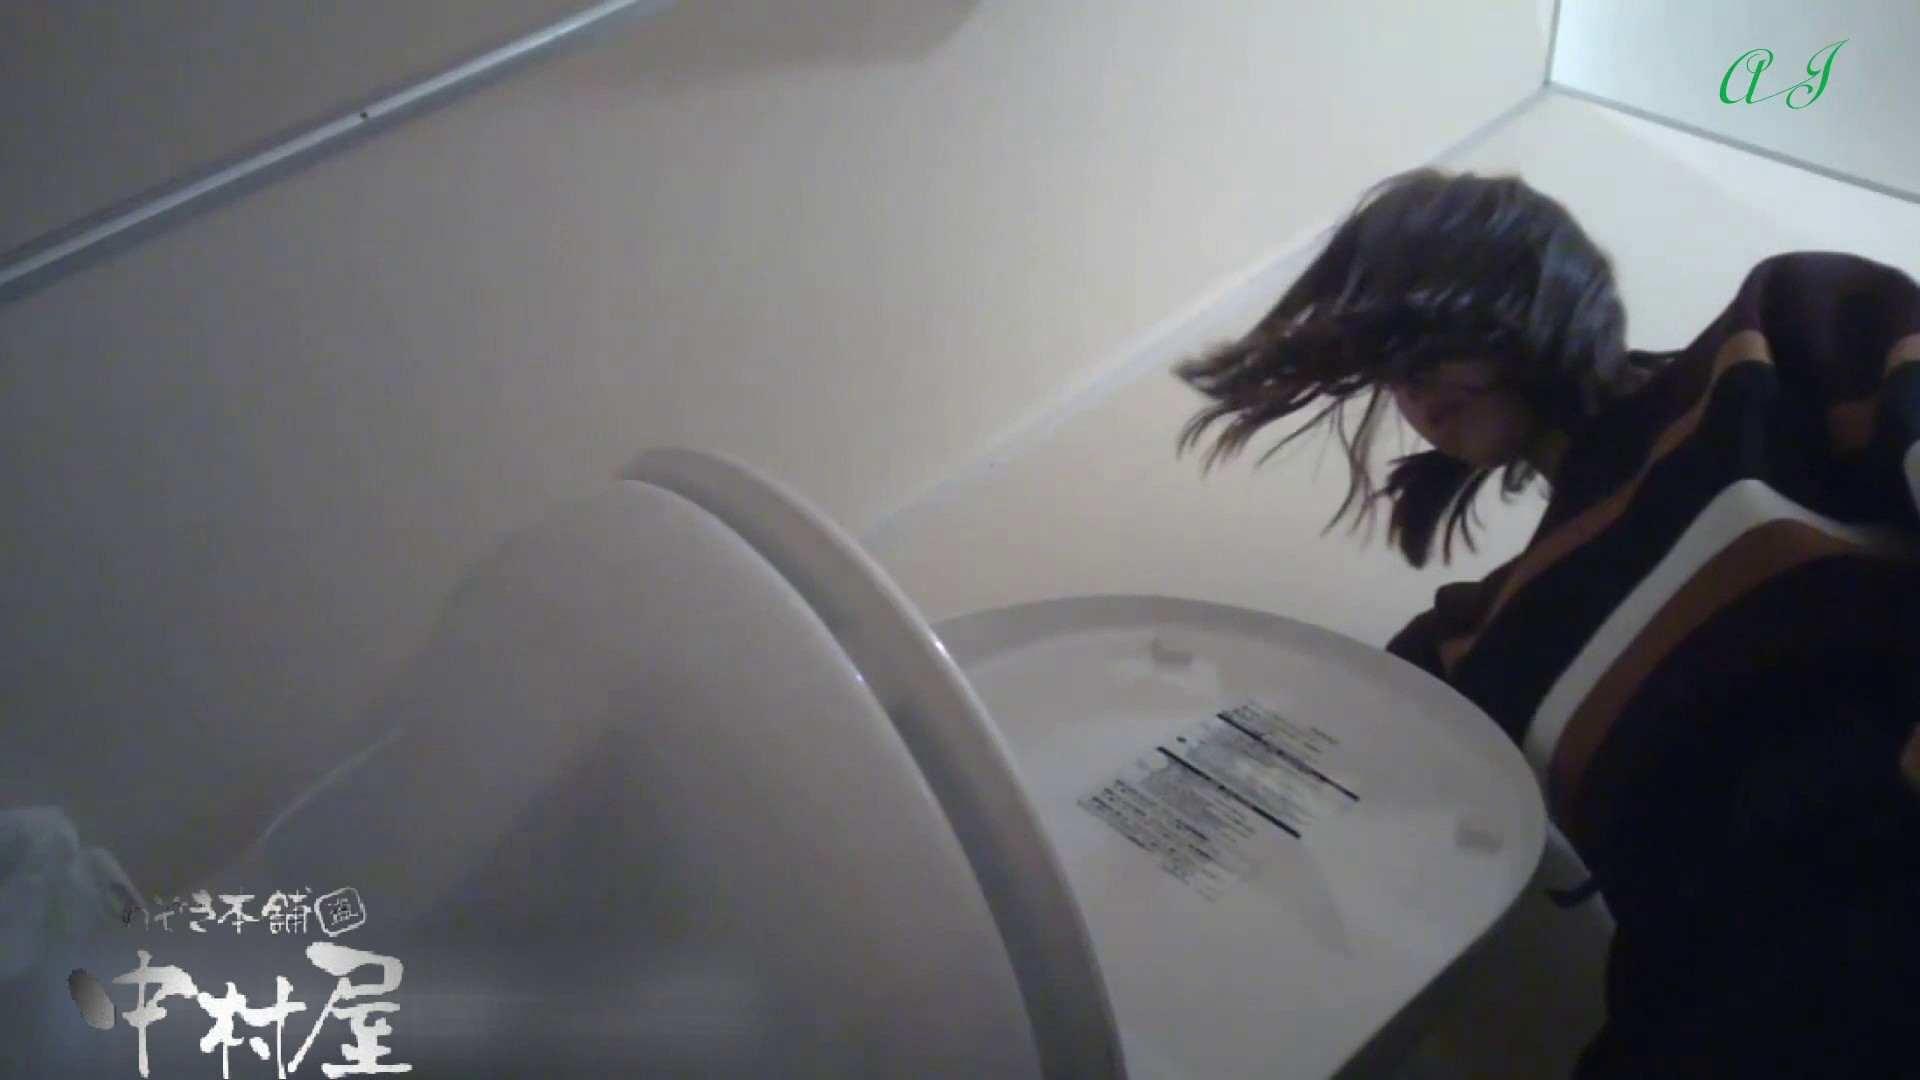 新アングル 4名の美女達 有名大学女性洗面所 vol.76 潜入 AV無料動画キャプチャ 68連発 60